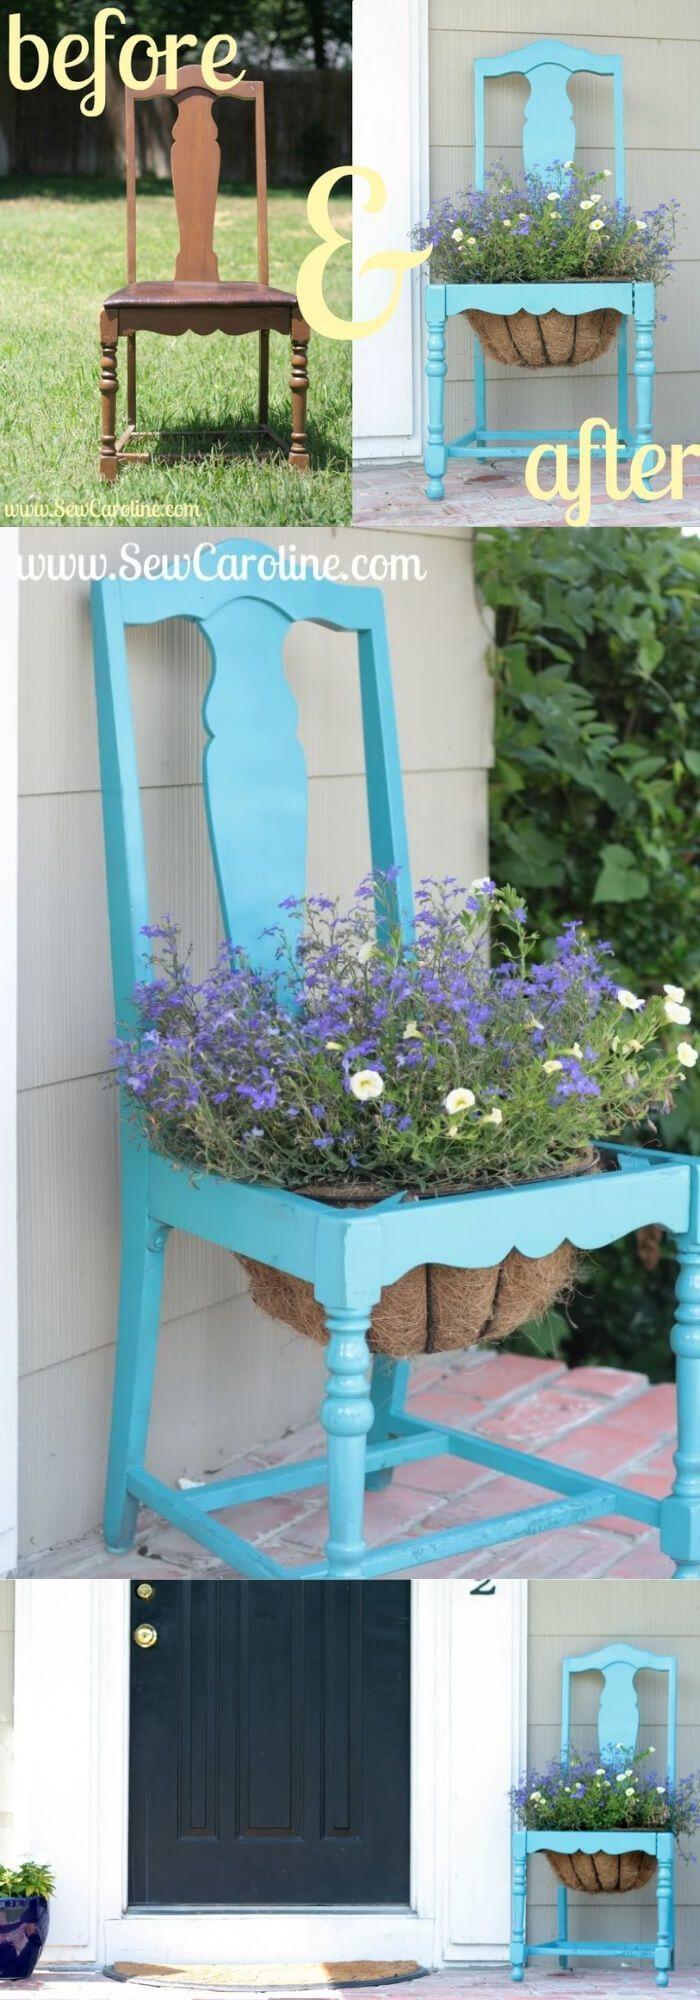 28+ Creative Upcycled DIY Chair Planter Ideas For Your Garden #gartenrecycling